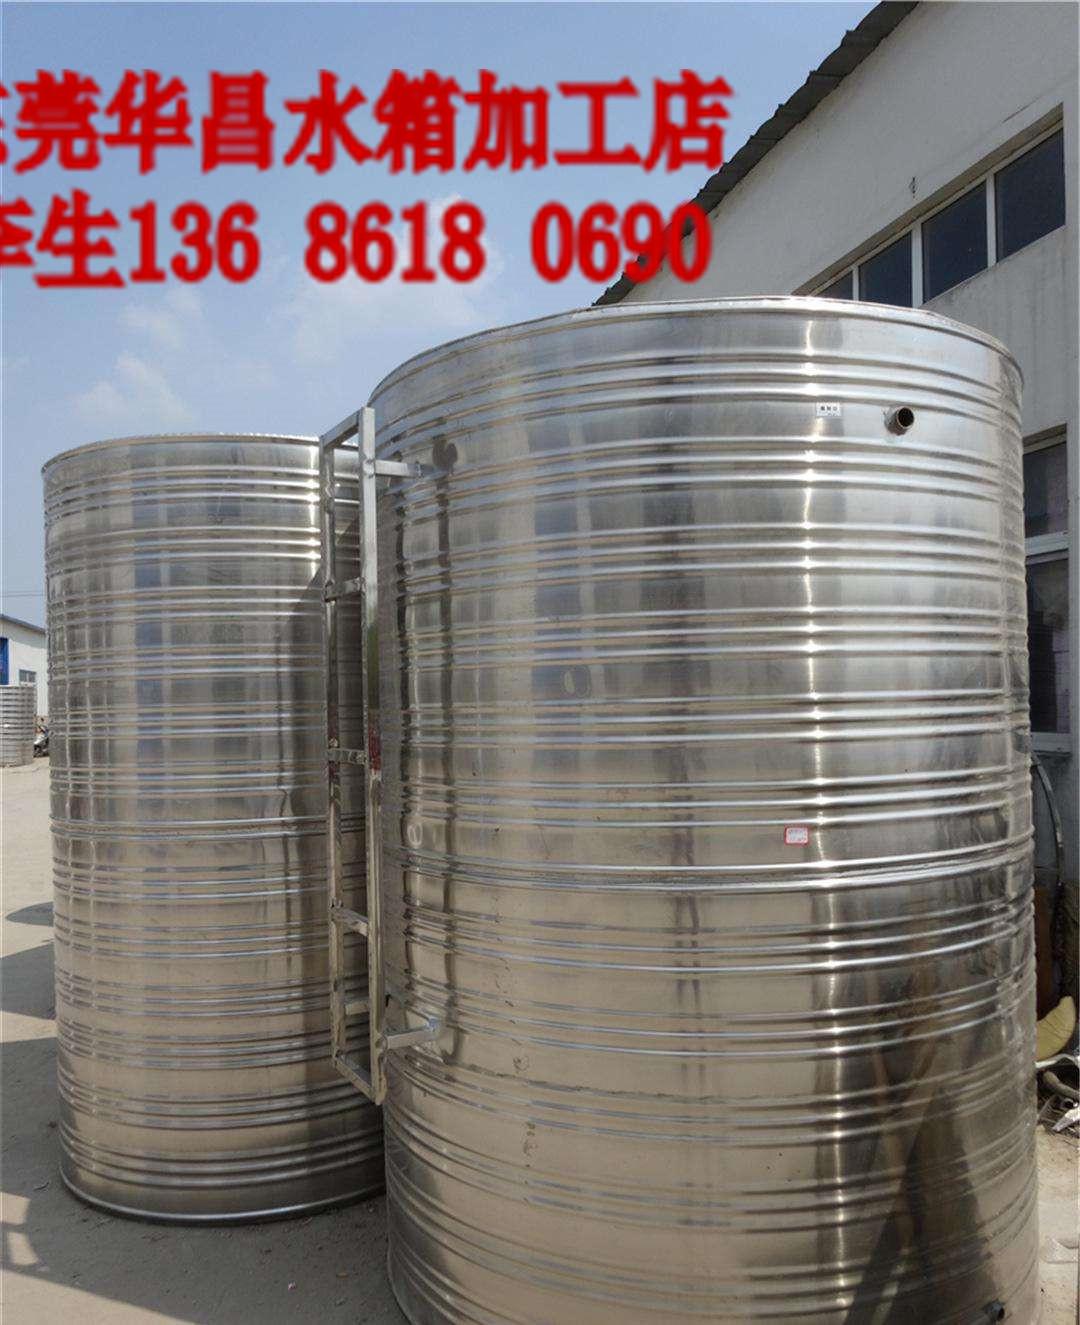 华昌不锈钢水箱,惠州保温水箱价格